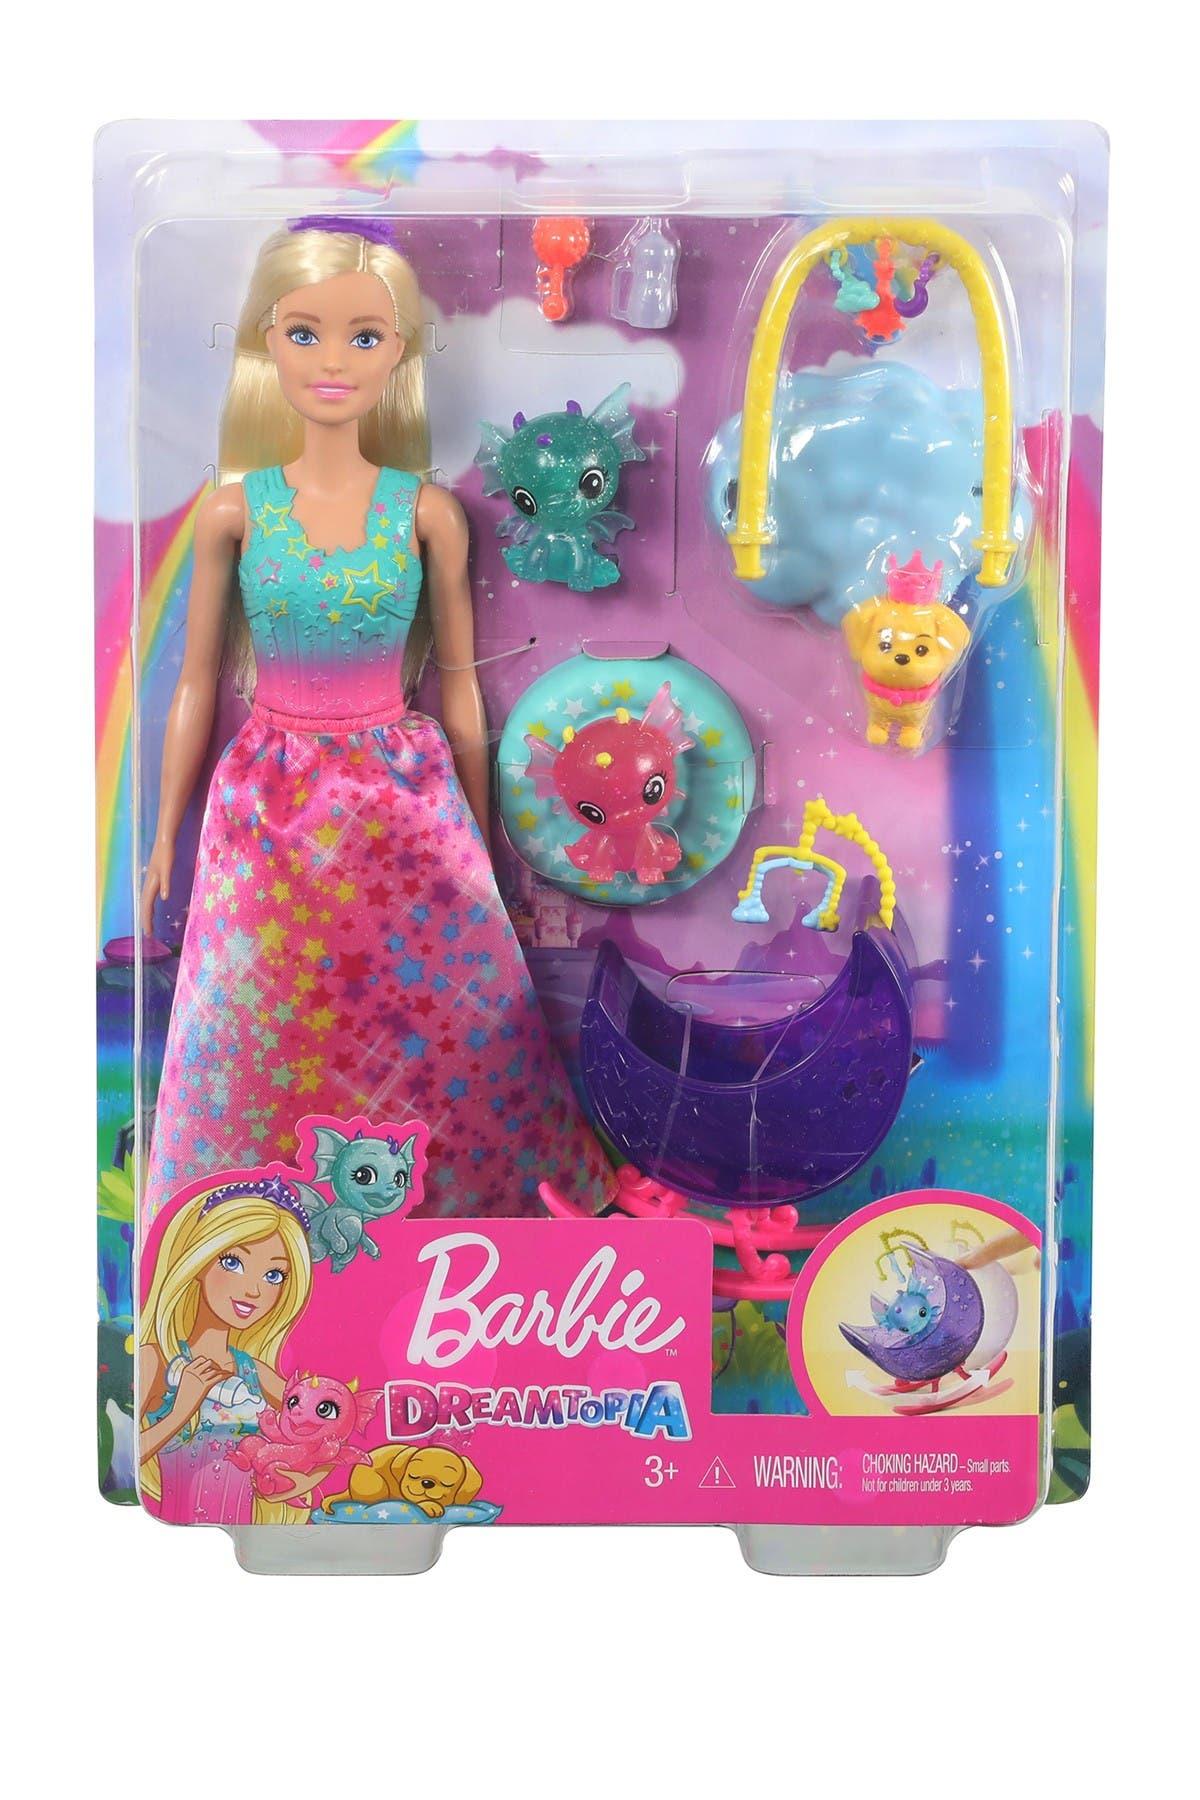 Image of Mattel Barbie(TM) Dreamtopia Dolls and Accessories